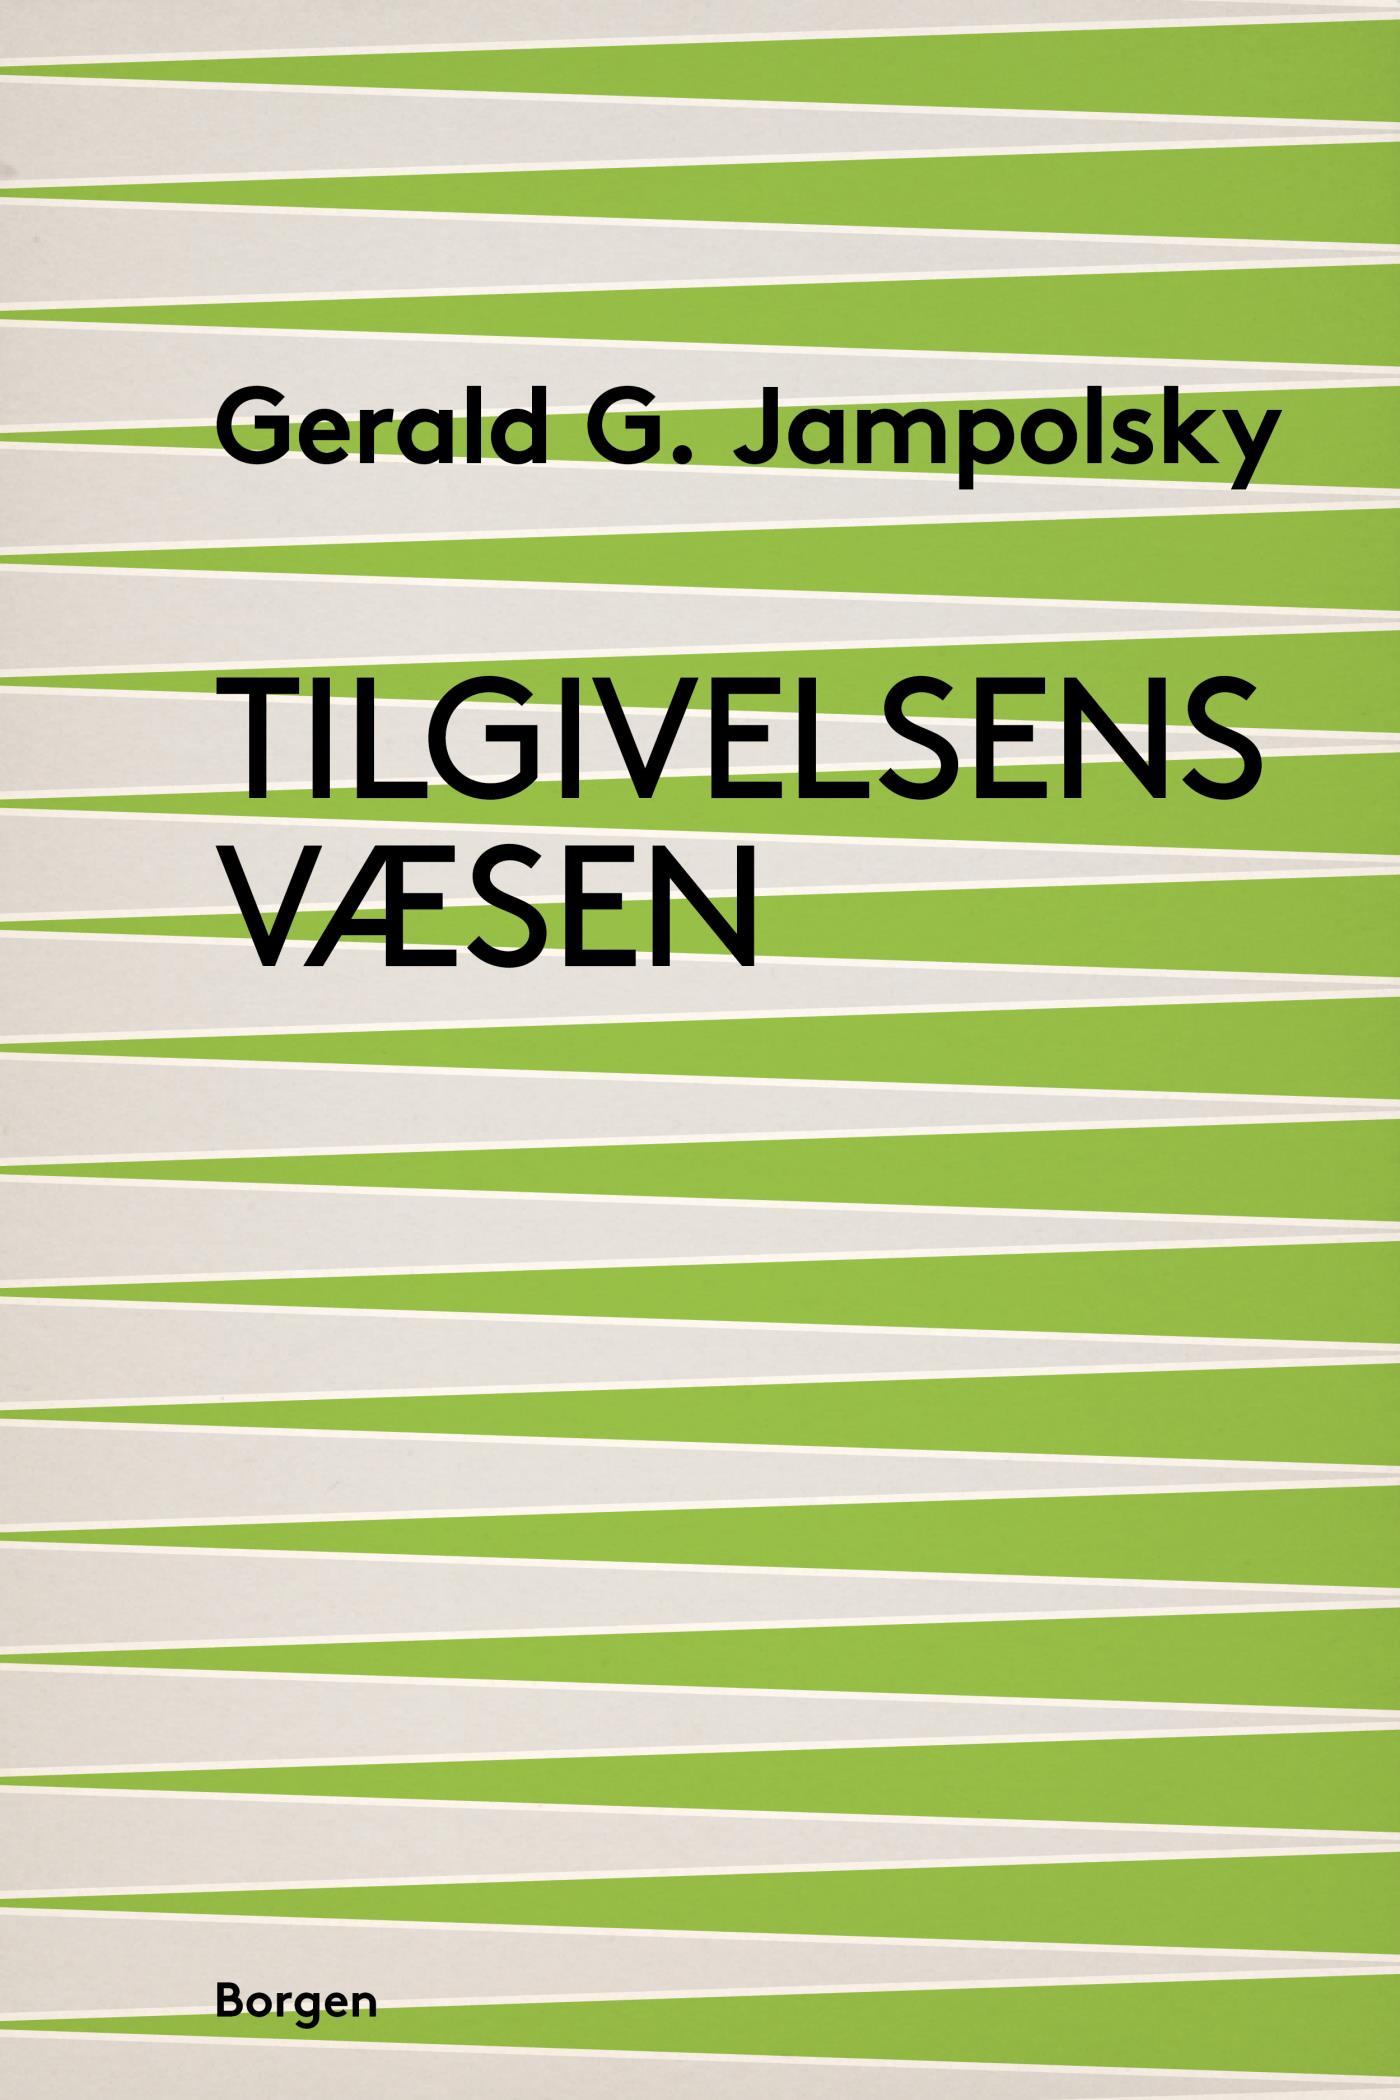 N/A Tilgivelsens væsen - e-bog fra bog & mystik